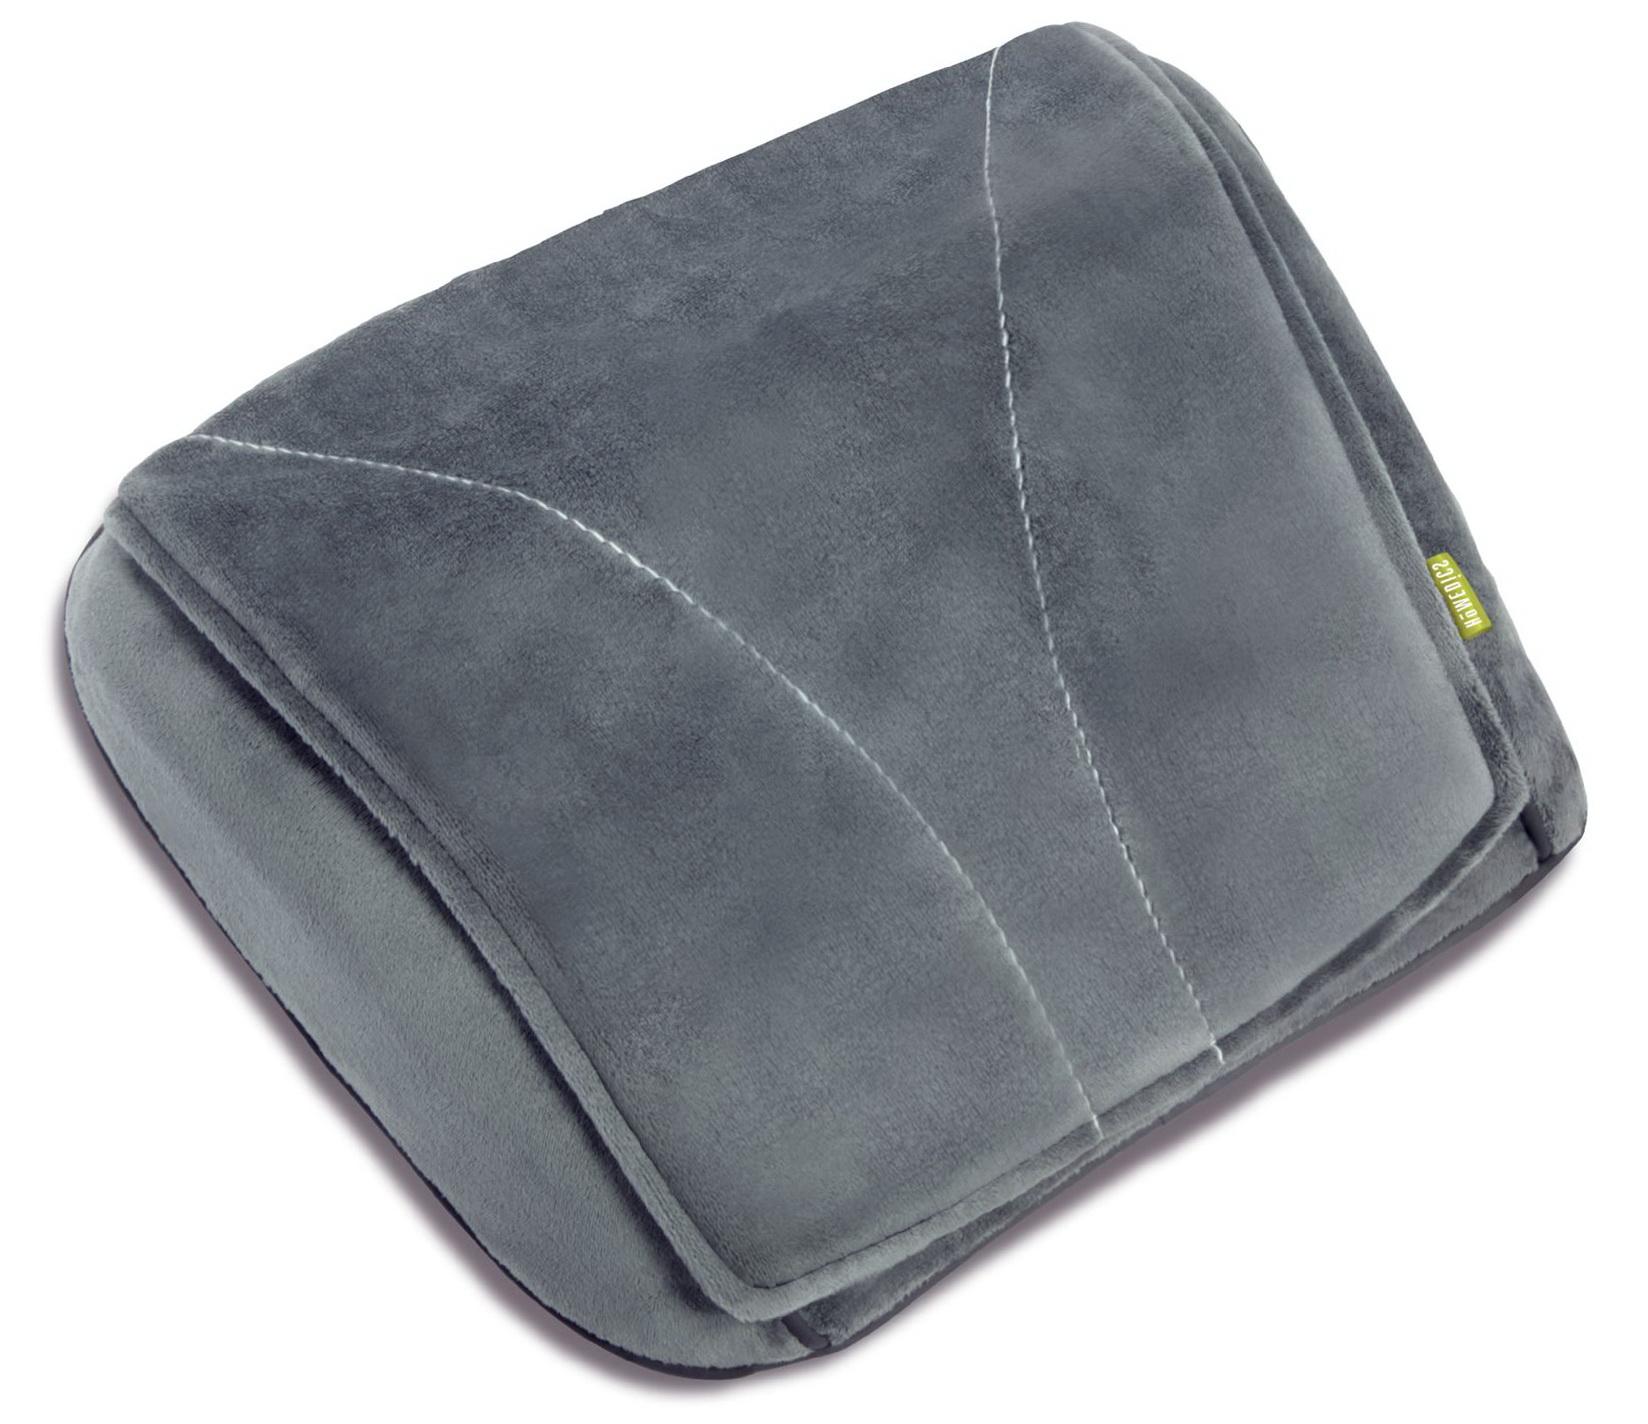 Homedics Massage Cushion Reviews